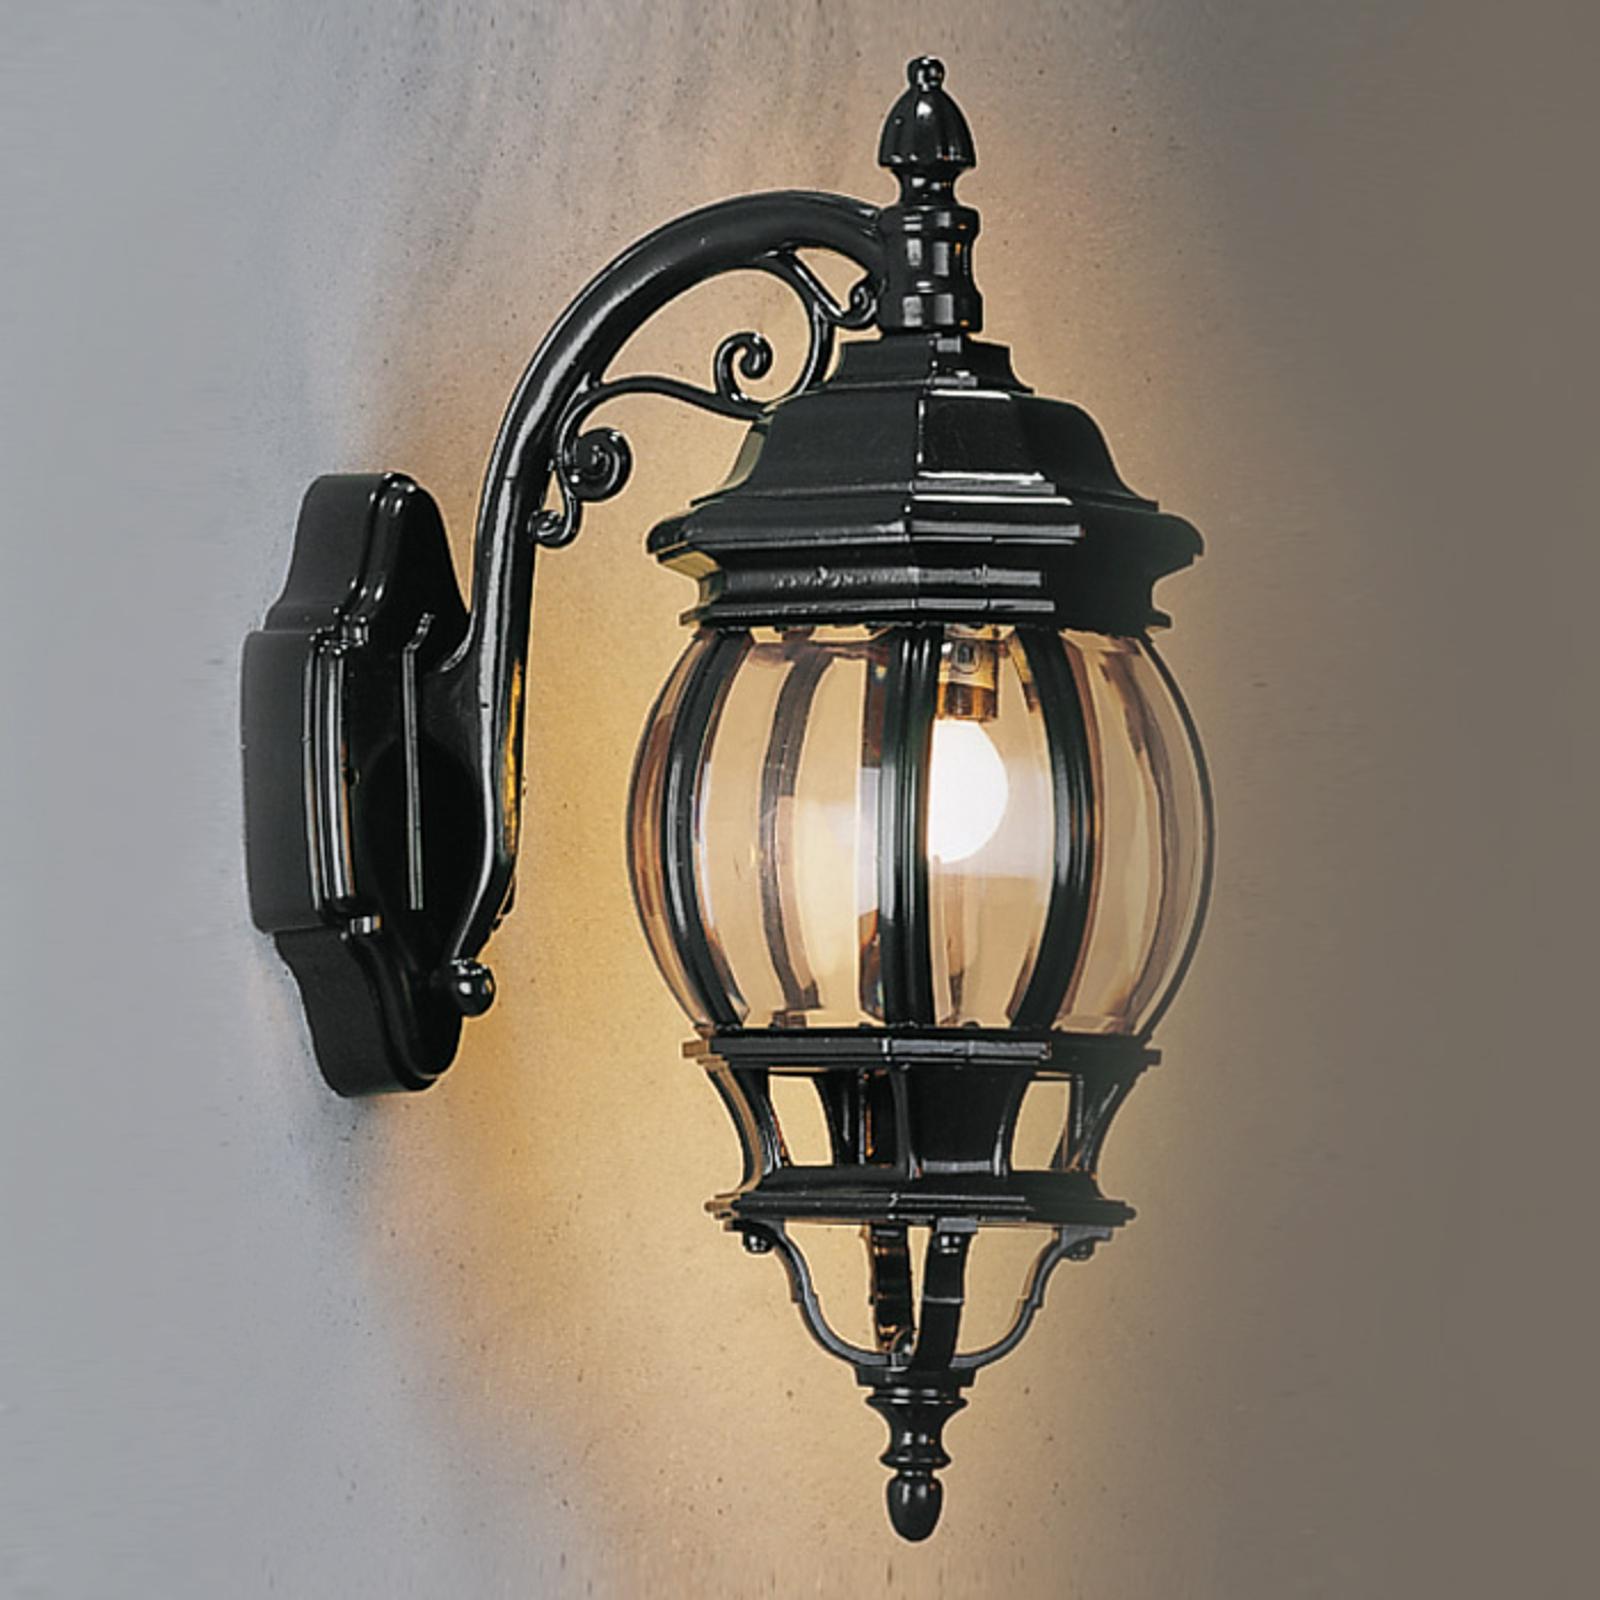 Buitenwandlamp Andrew lantaarn hangend, zwart